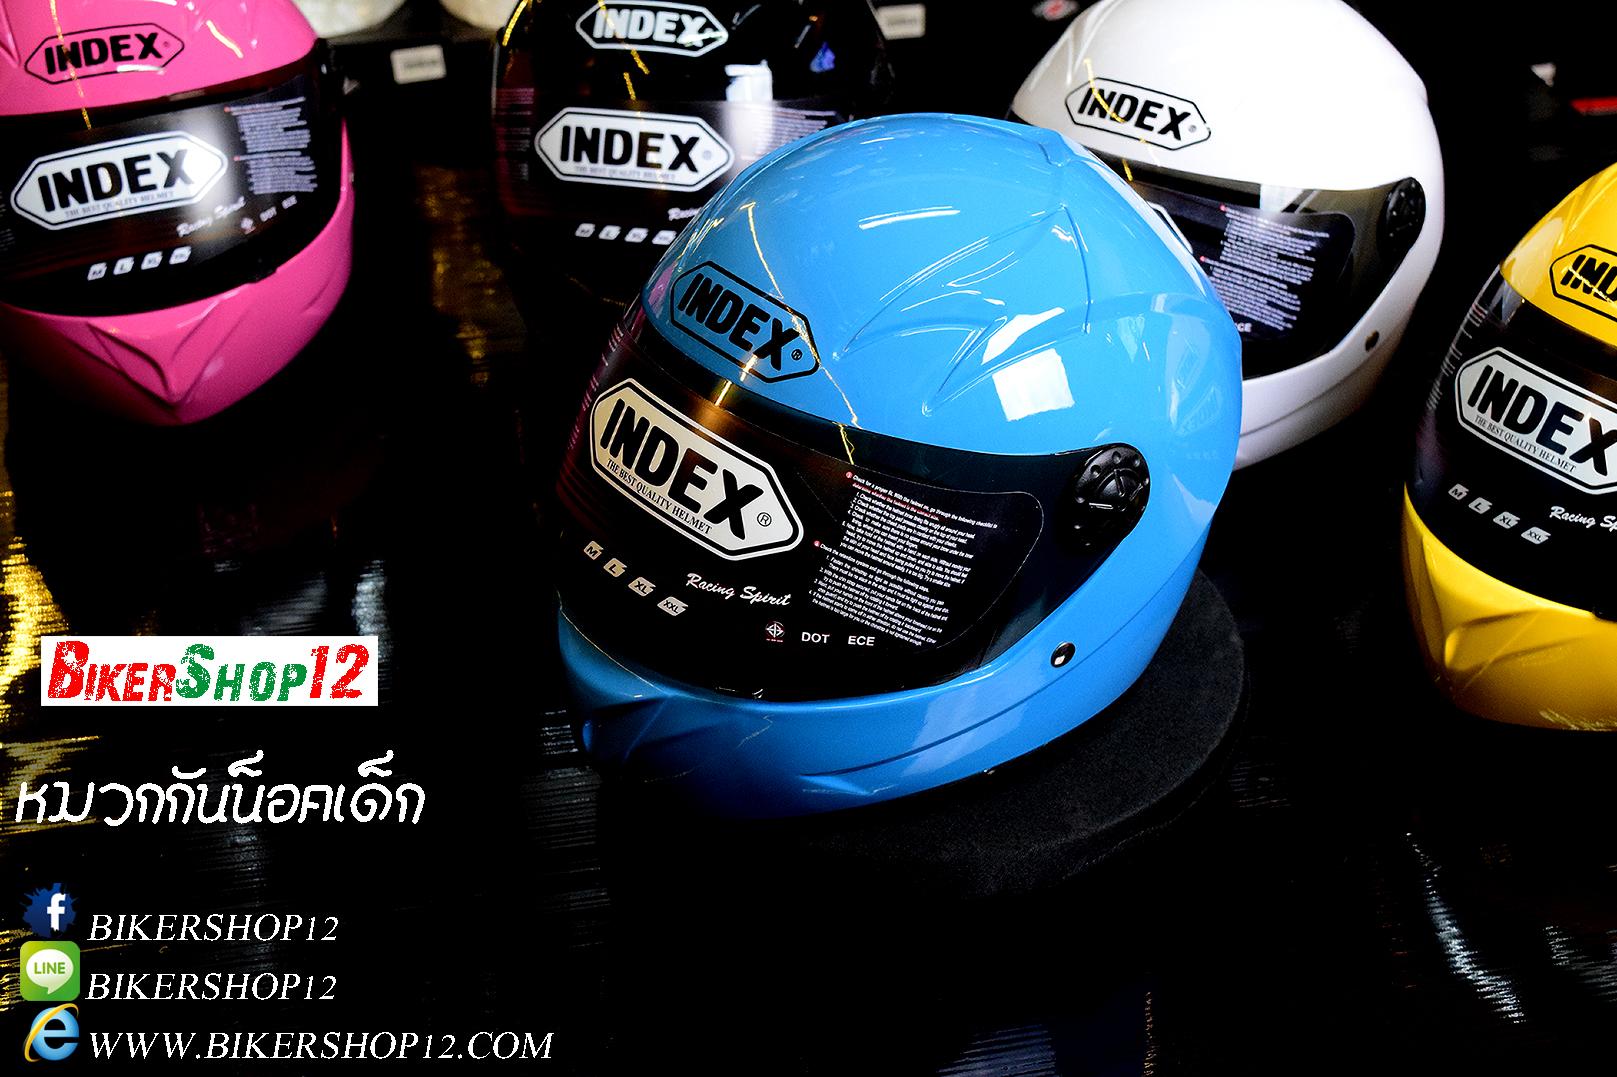 หมวกกันน็อคเด็ก Index แบบเต็มใบ สีน้ำเงิน